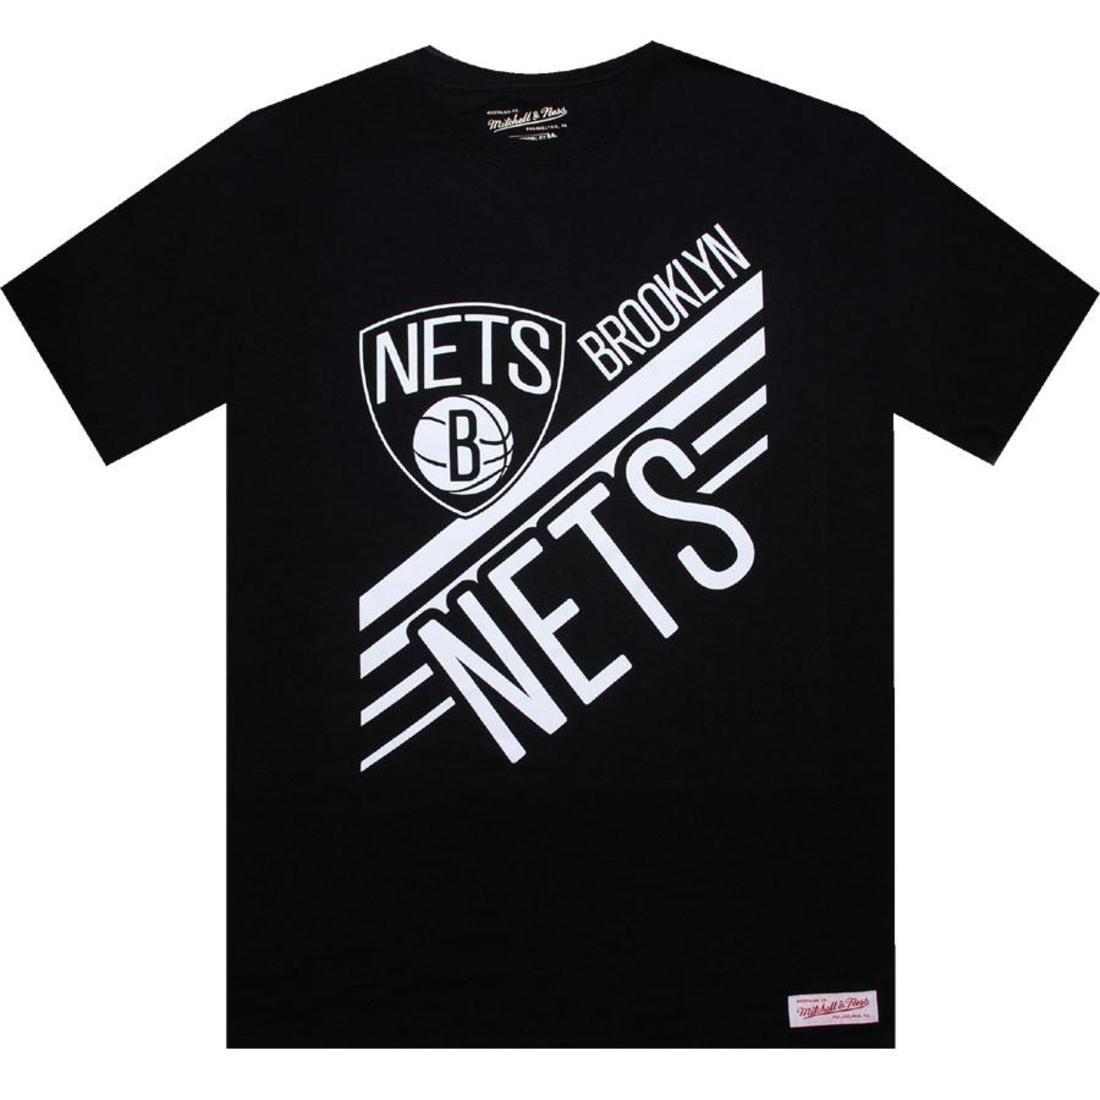 【海外限定】ブルックリン ネッツ Tシャツ トップス メンズファッション 【 MITCHELL AND NESS BROOKLYN NETS BLANK TEE BLACK 】